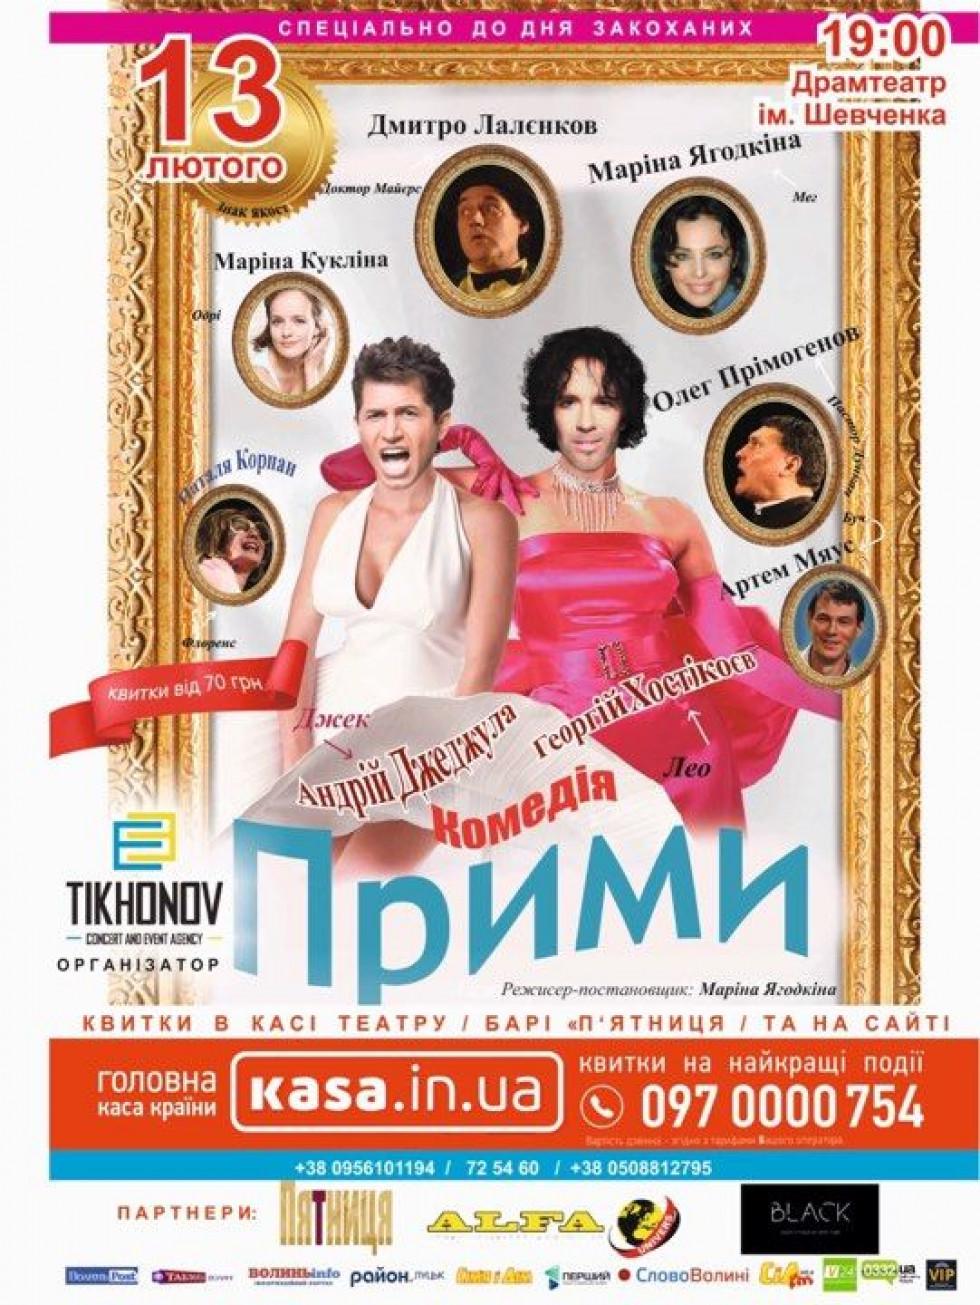 Авантюрна комедія з перевдяганнями чоловіків у жінок відбудеться 13 лютого у Волинському драмтеатрі